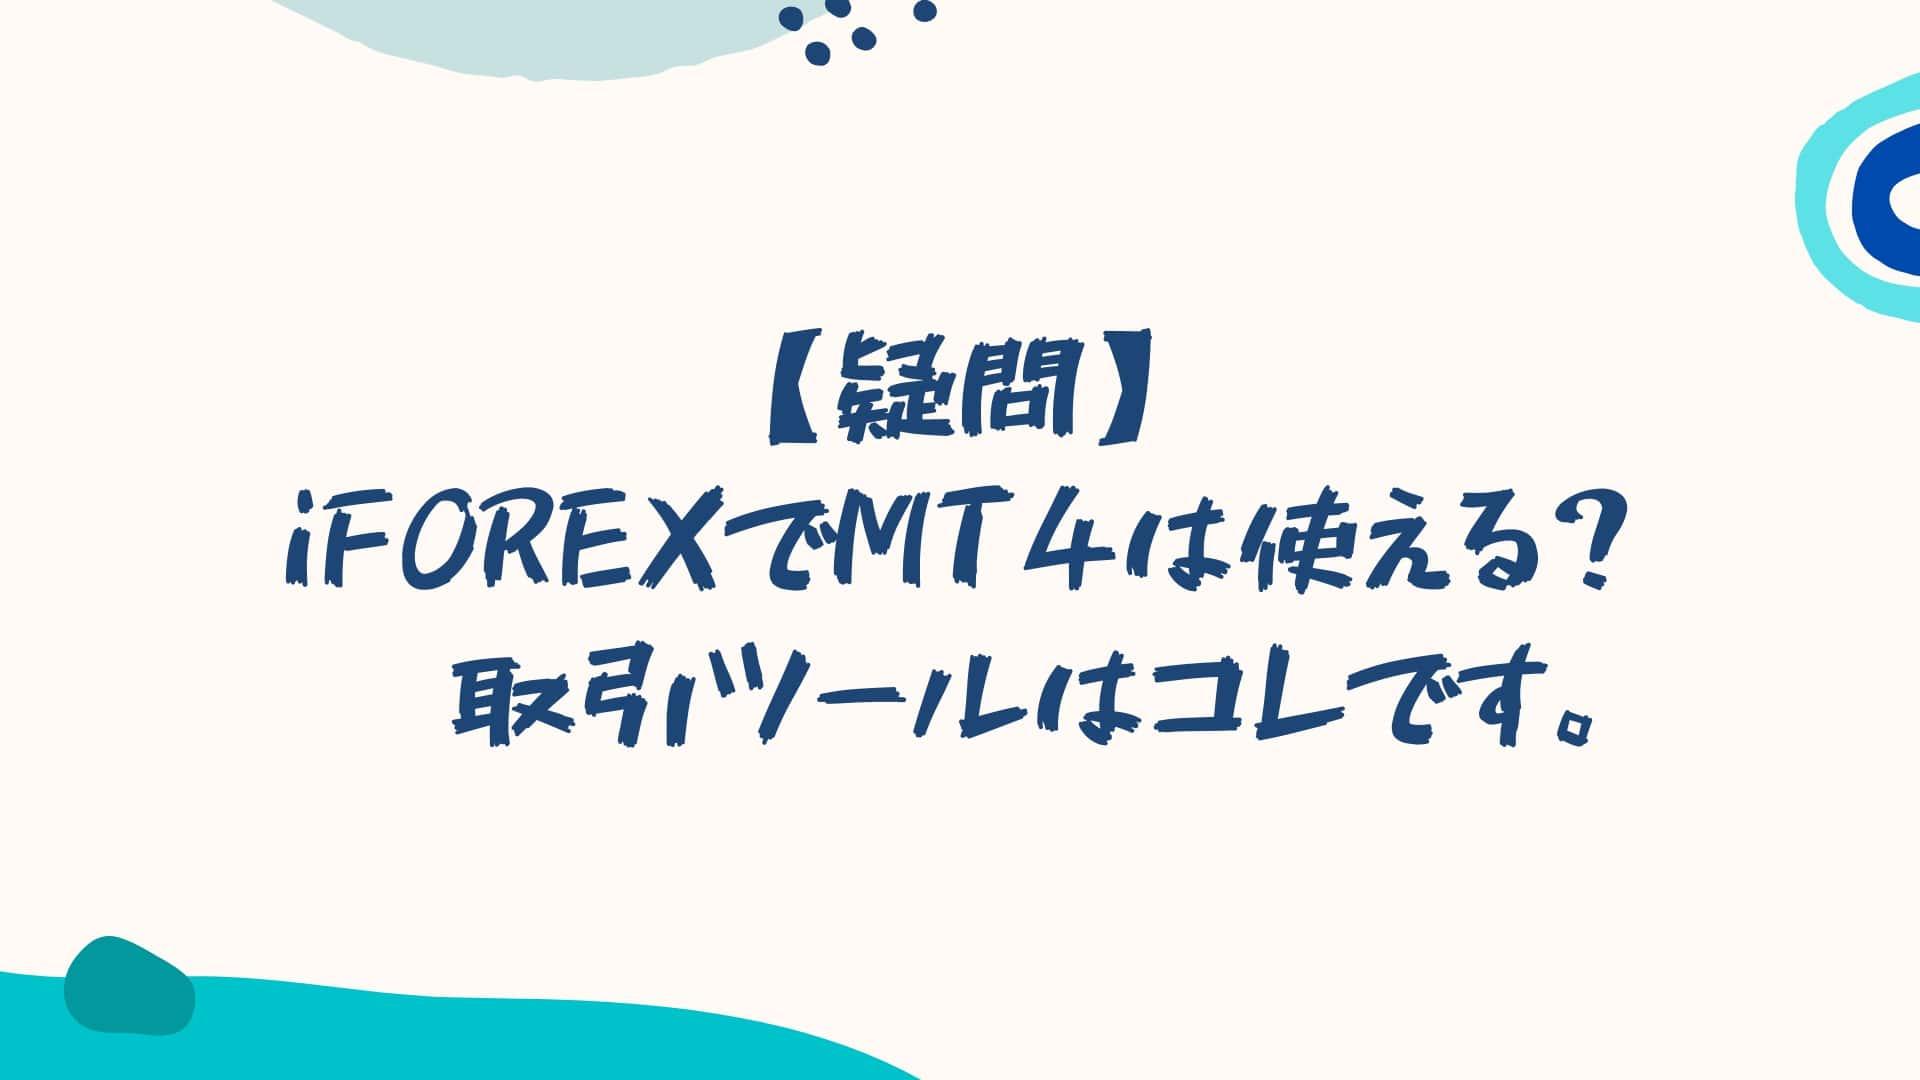 【疑問】iFOREXでMT4は使える?→取引ツールはコレです。